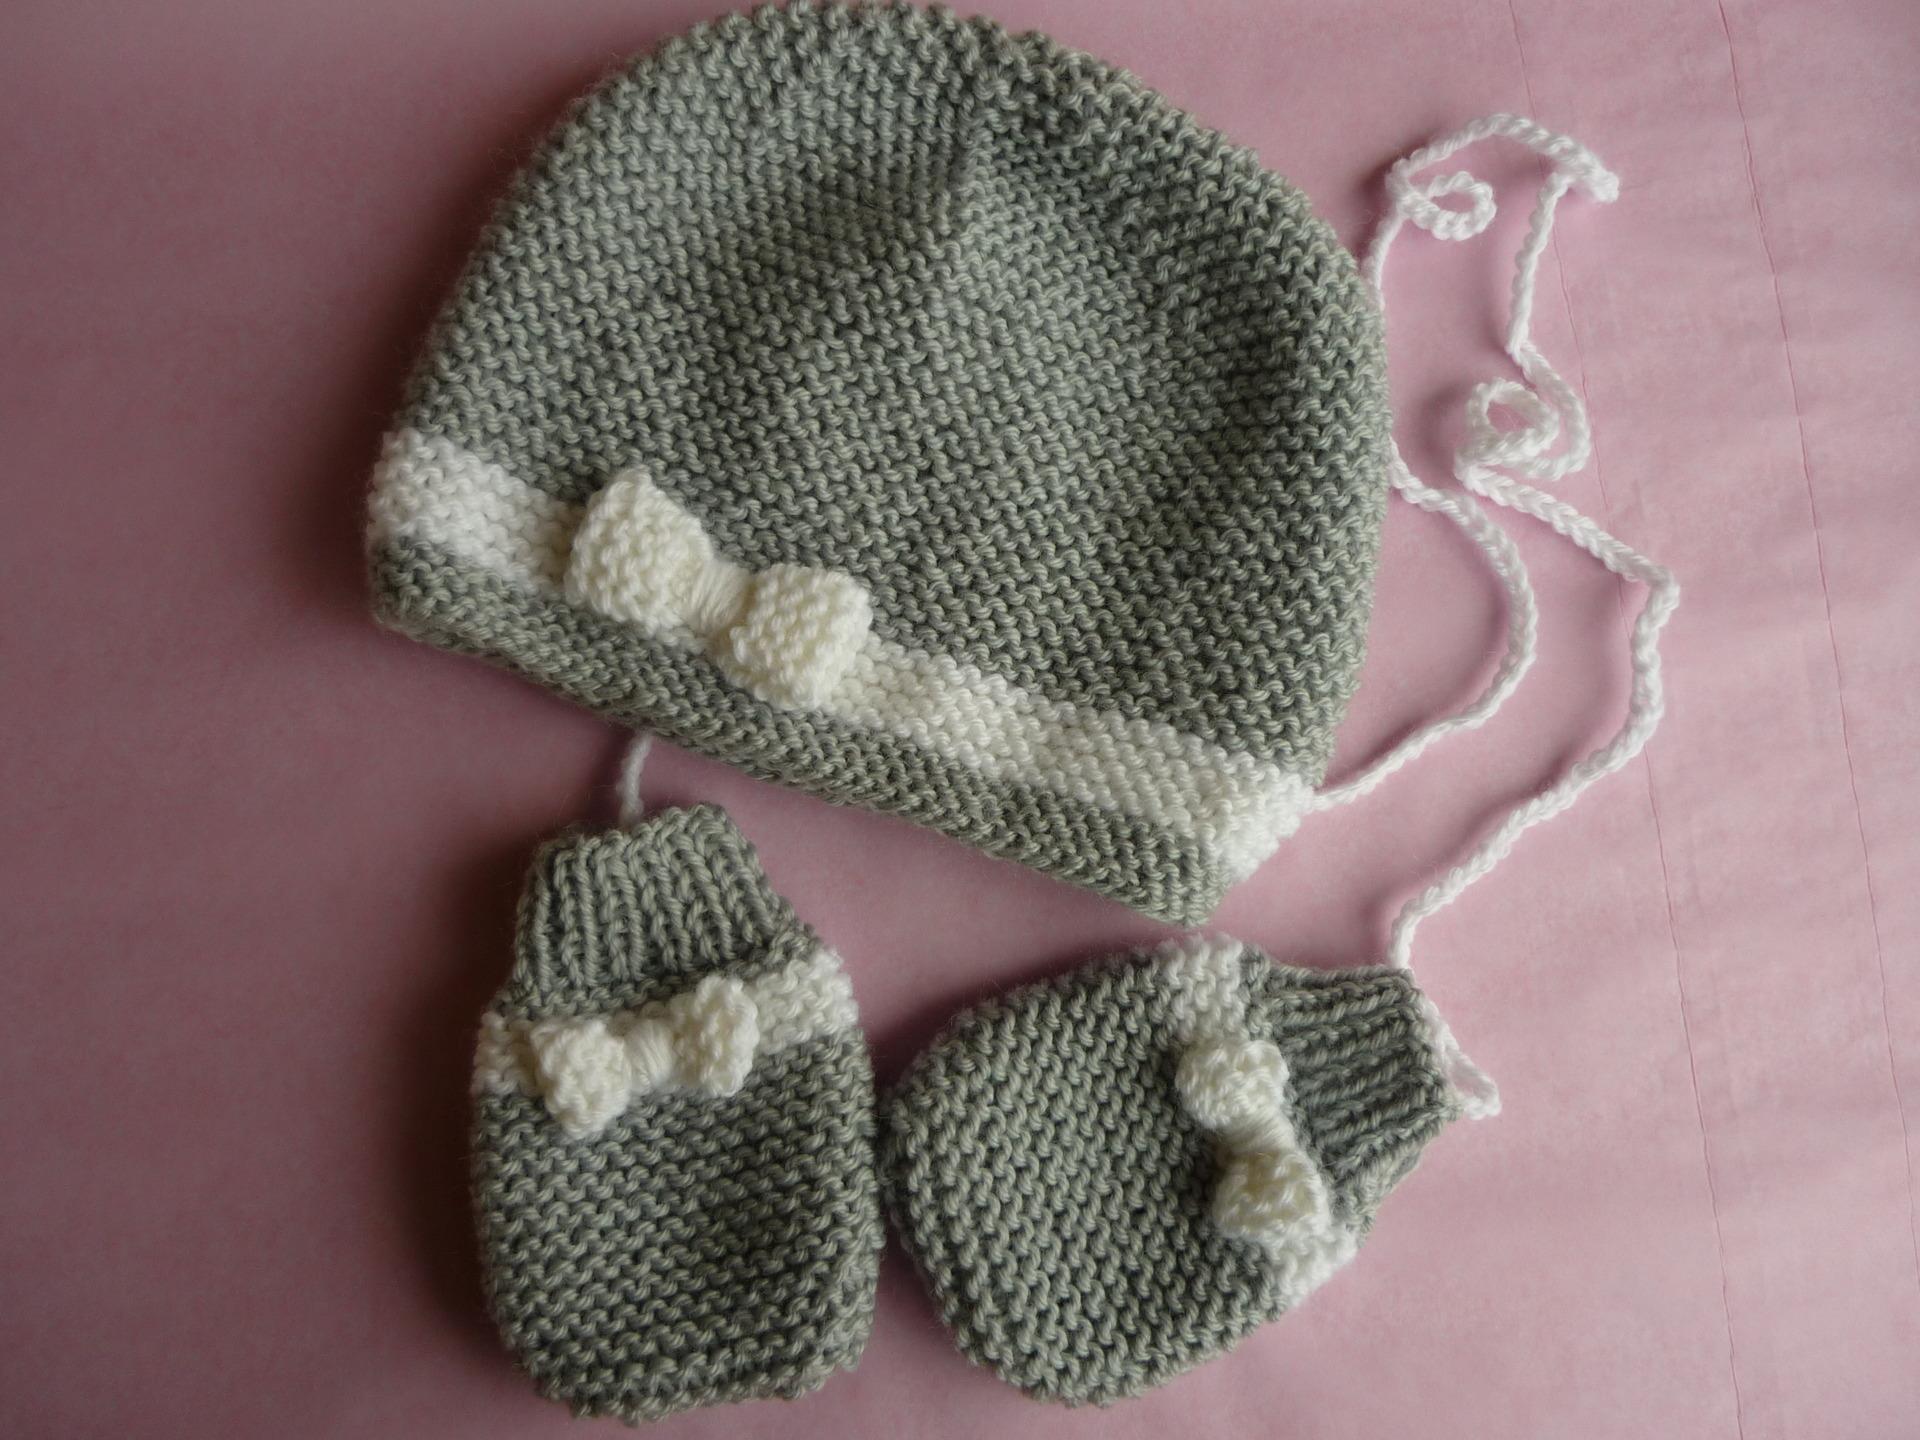 Je veux trouver un tricot pour bébé ou femme de qualité et pas cher ICI«   Je veux trouver un joli tricot pour mon bébé ou à offrir pas cher  ICI  button  ... 803294807a0